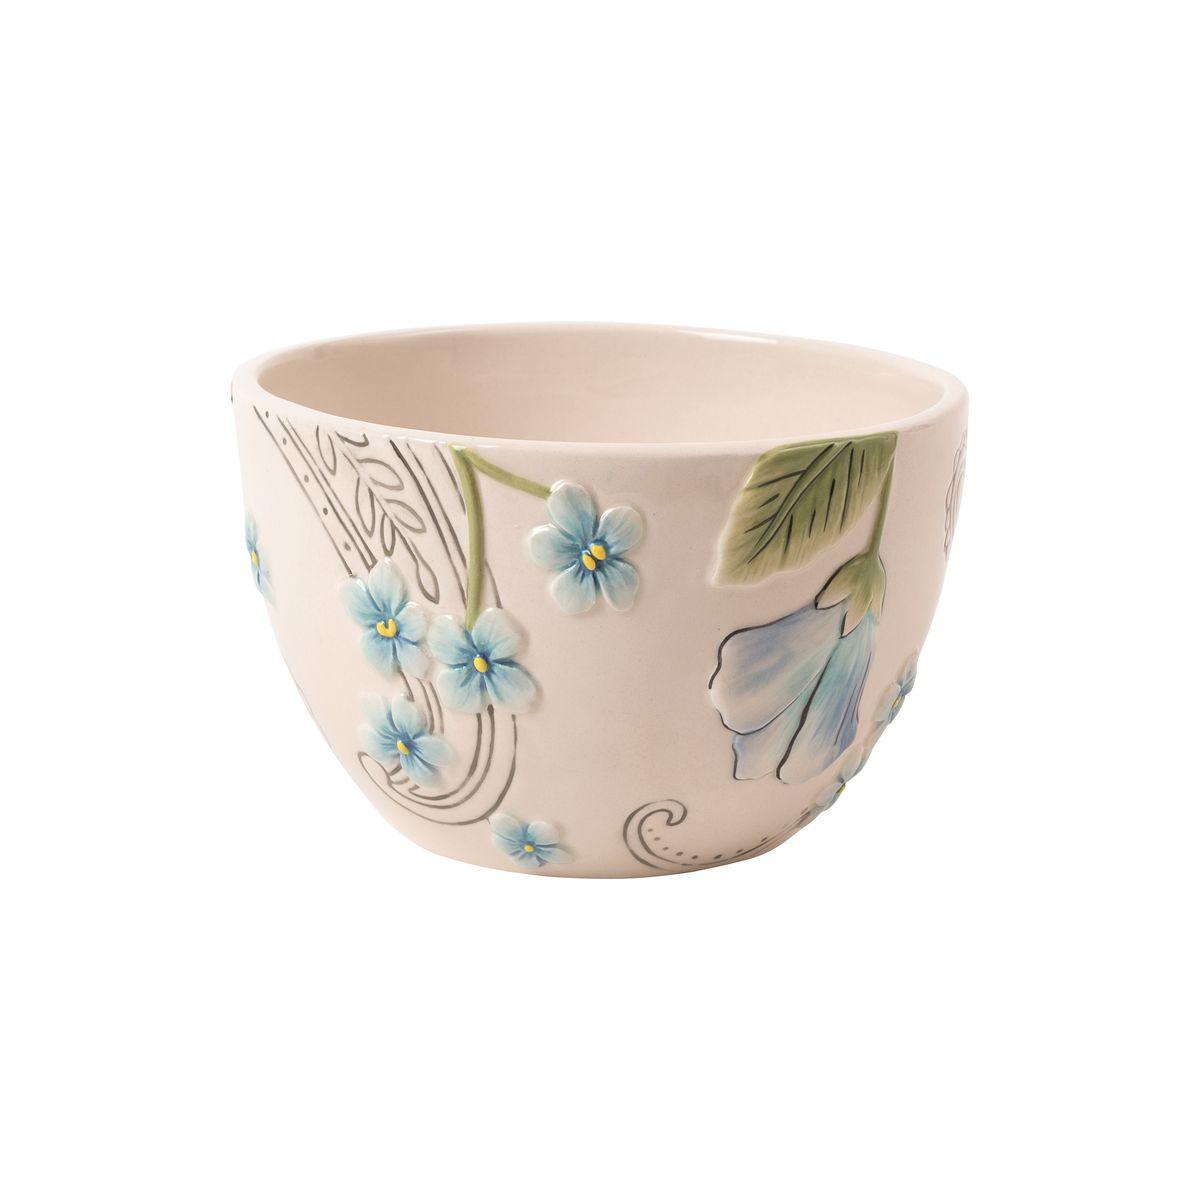 Чаша Fitz and Floyd Цветочный узор, цвет: белый20-622Допустимо использование в микроволновой печи и посудомоечной машине